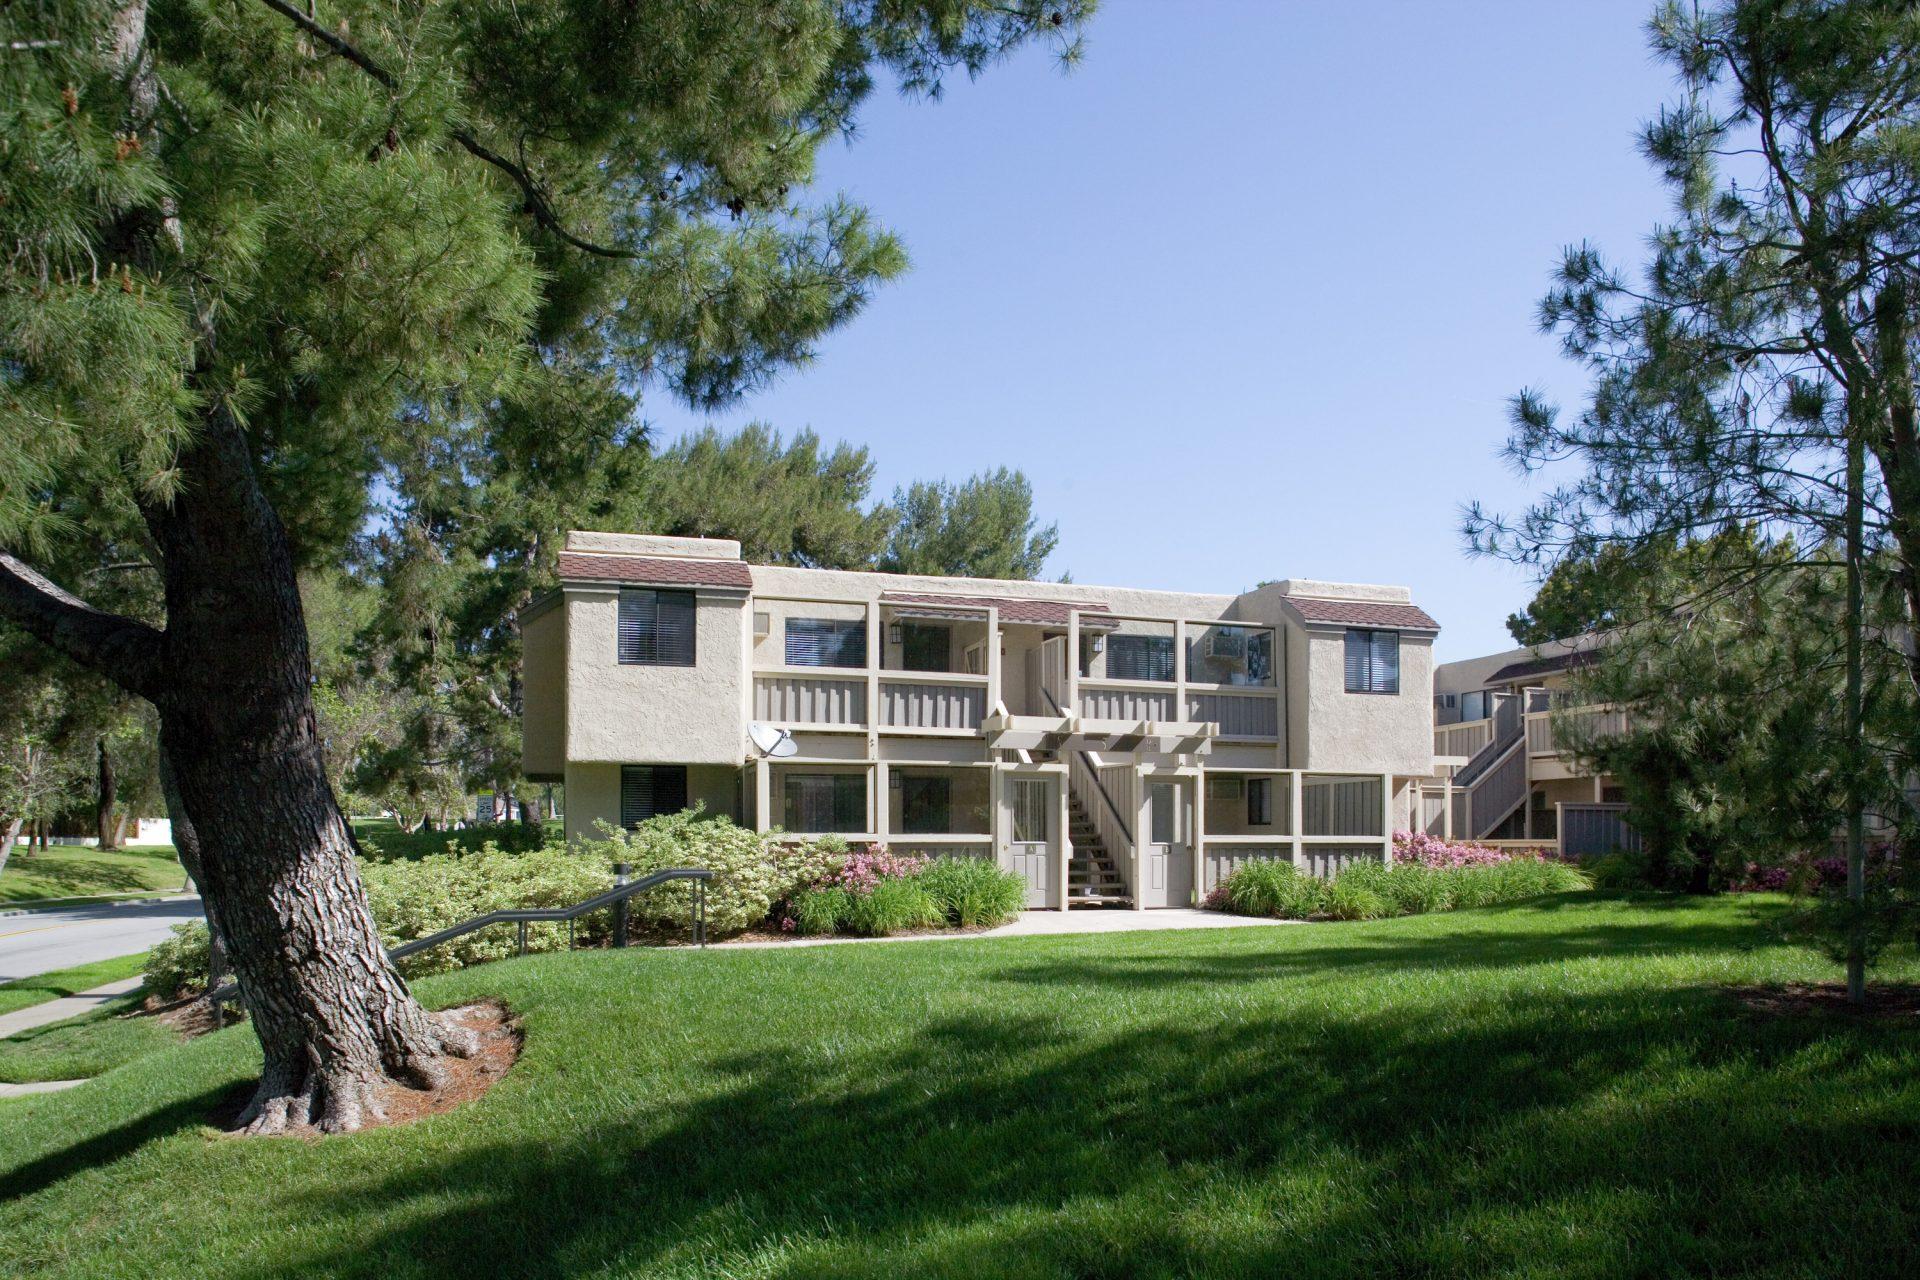 Parkwood in irvine 1 3 bedroom studios - One bedroom apartment in orange county ...